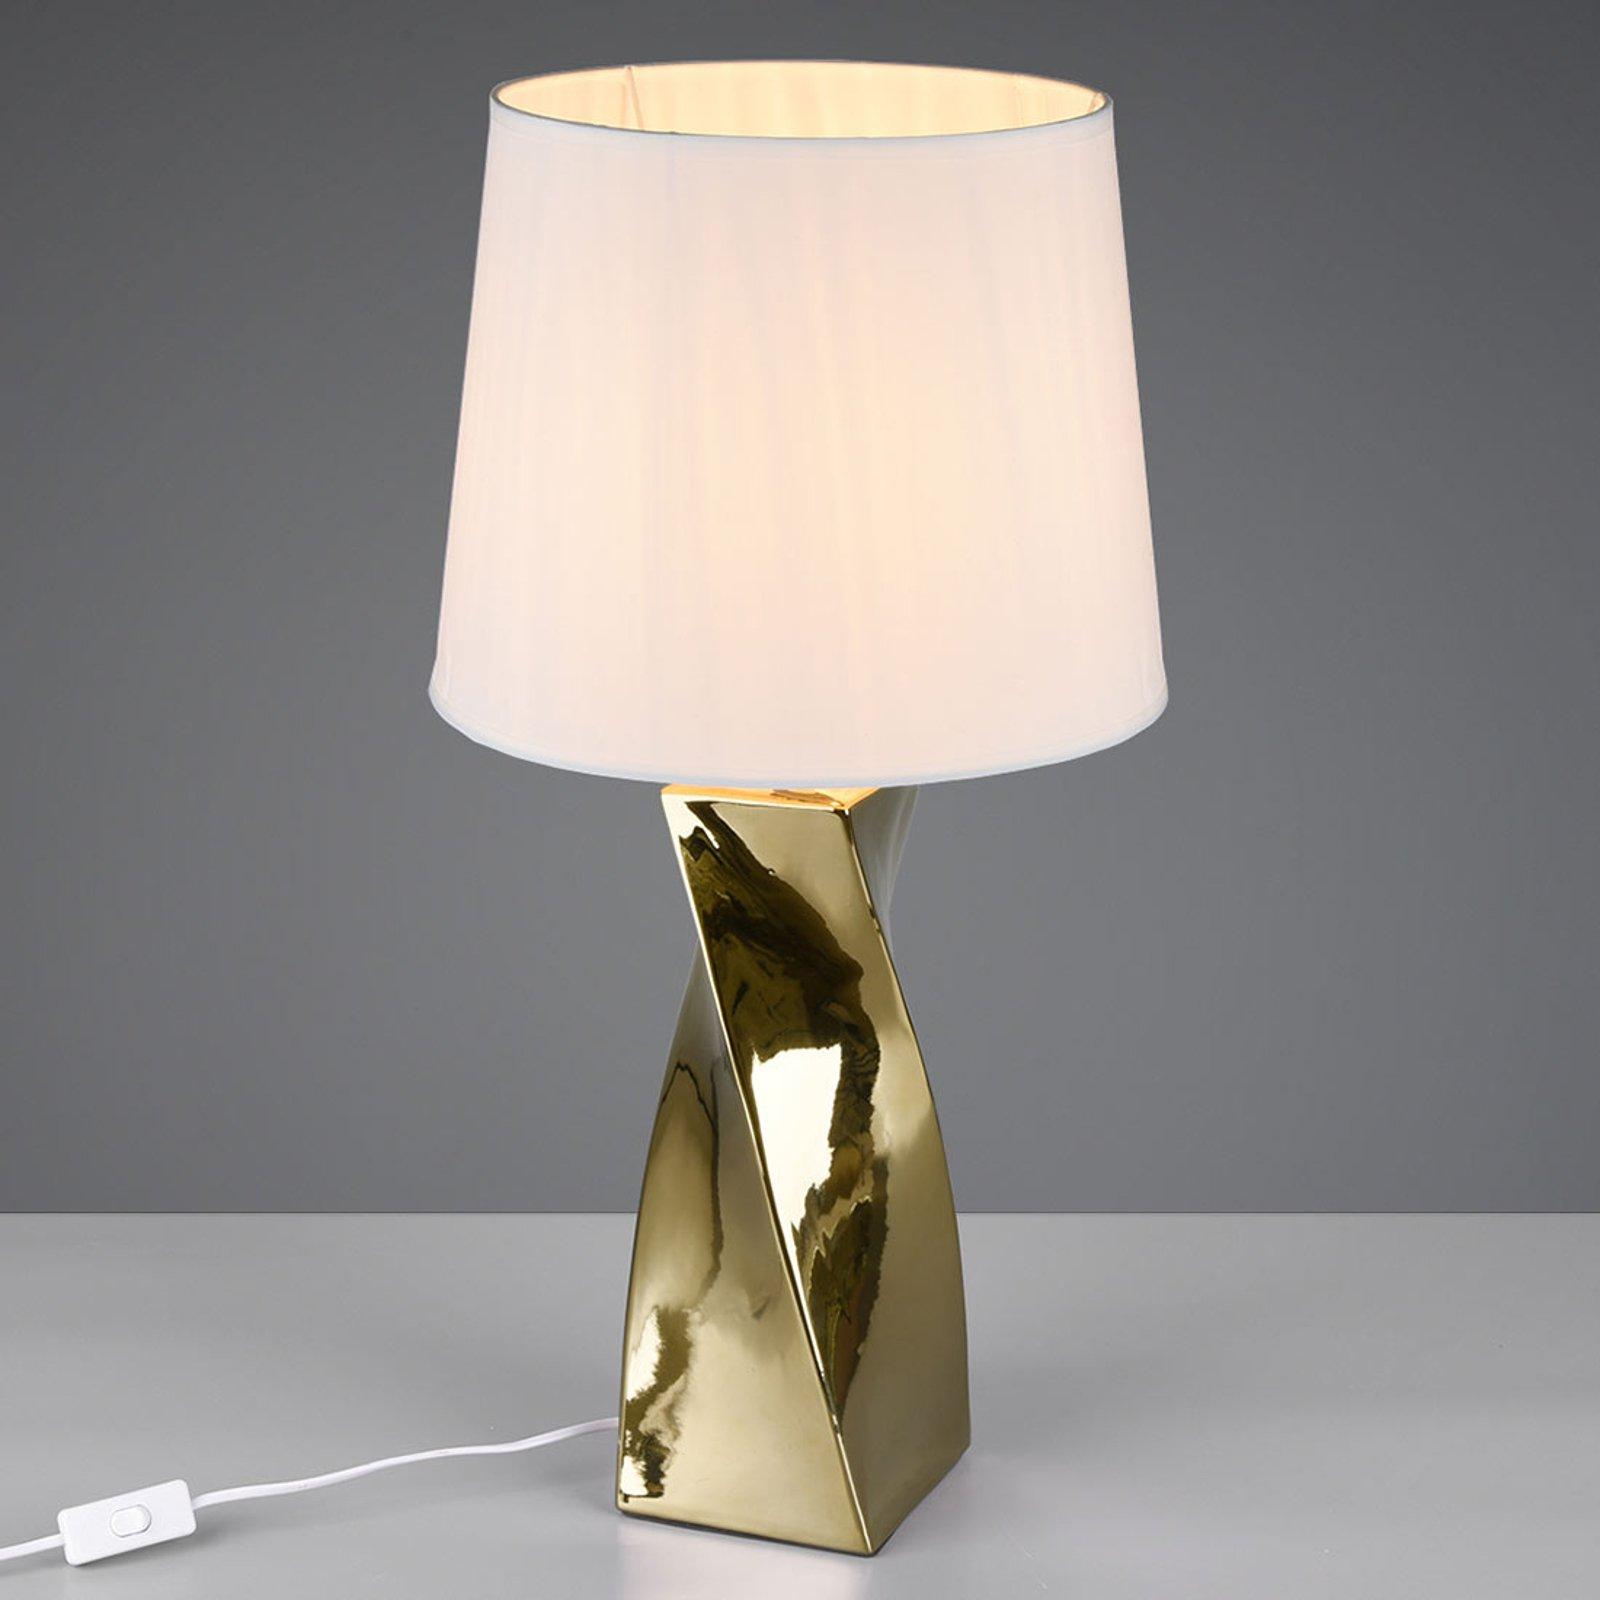 Bordlampe Abeba, Ø 34 cm, hvit-gull